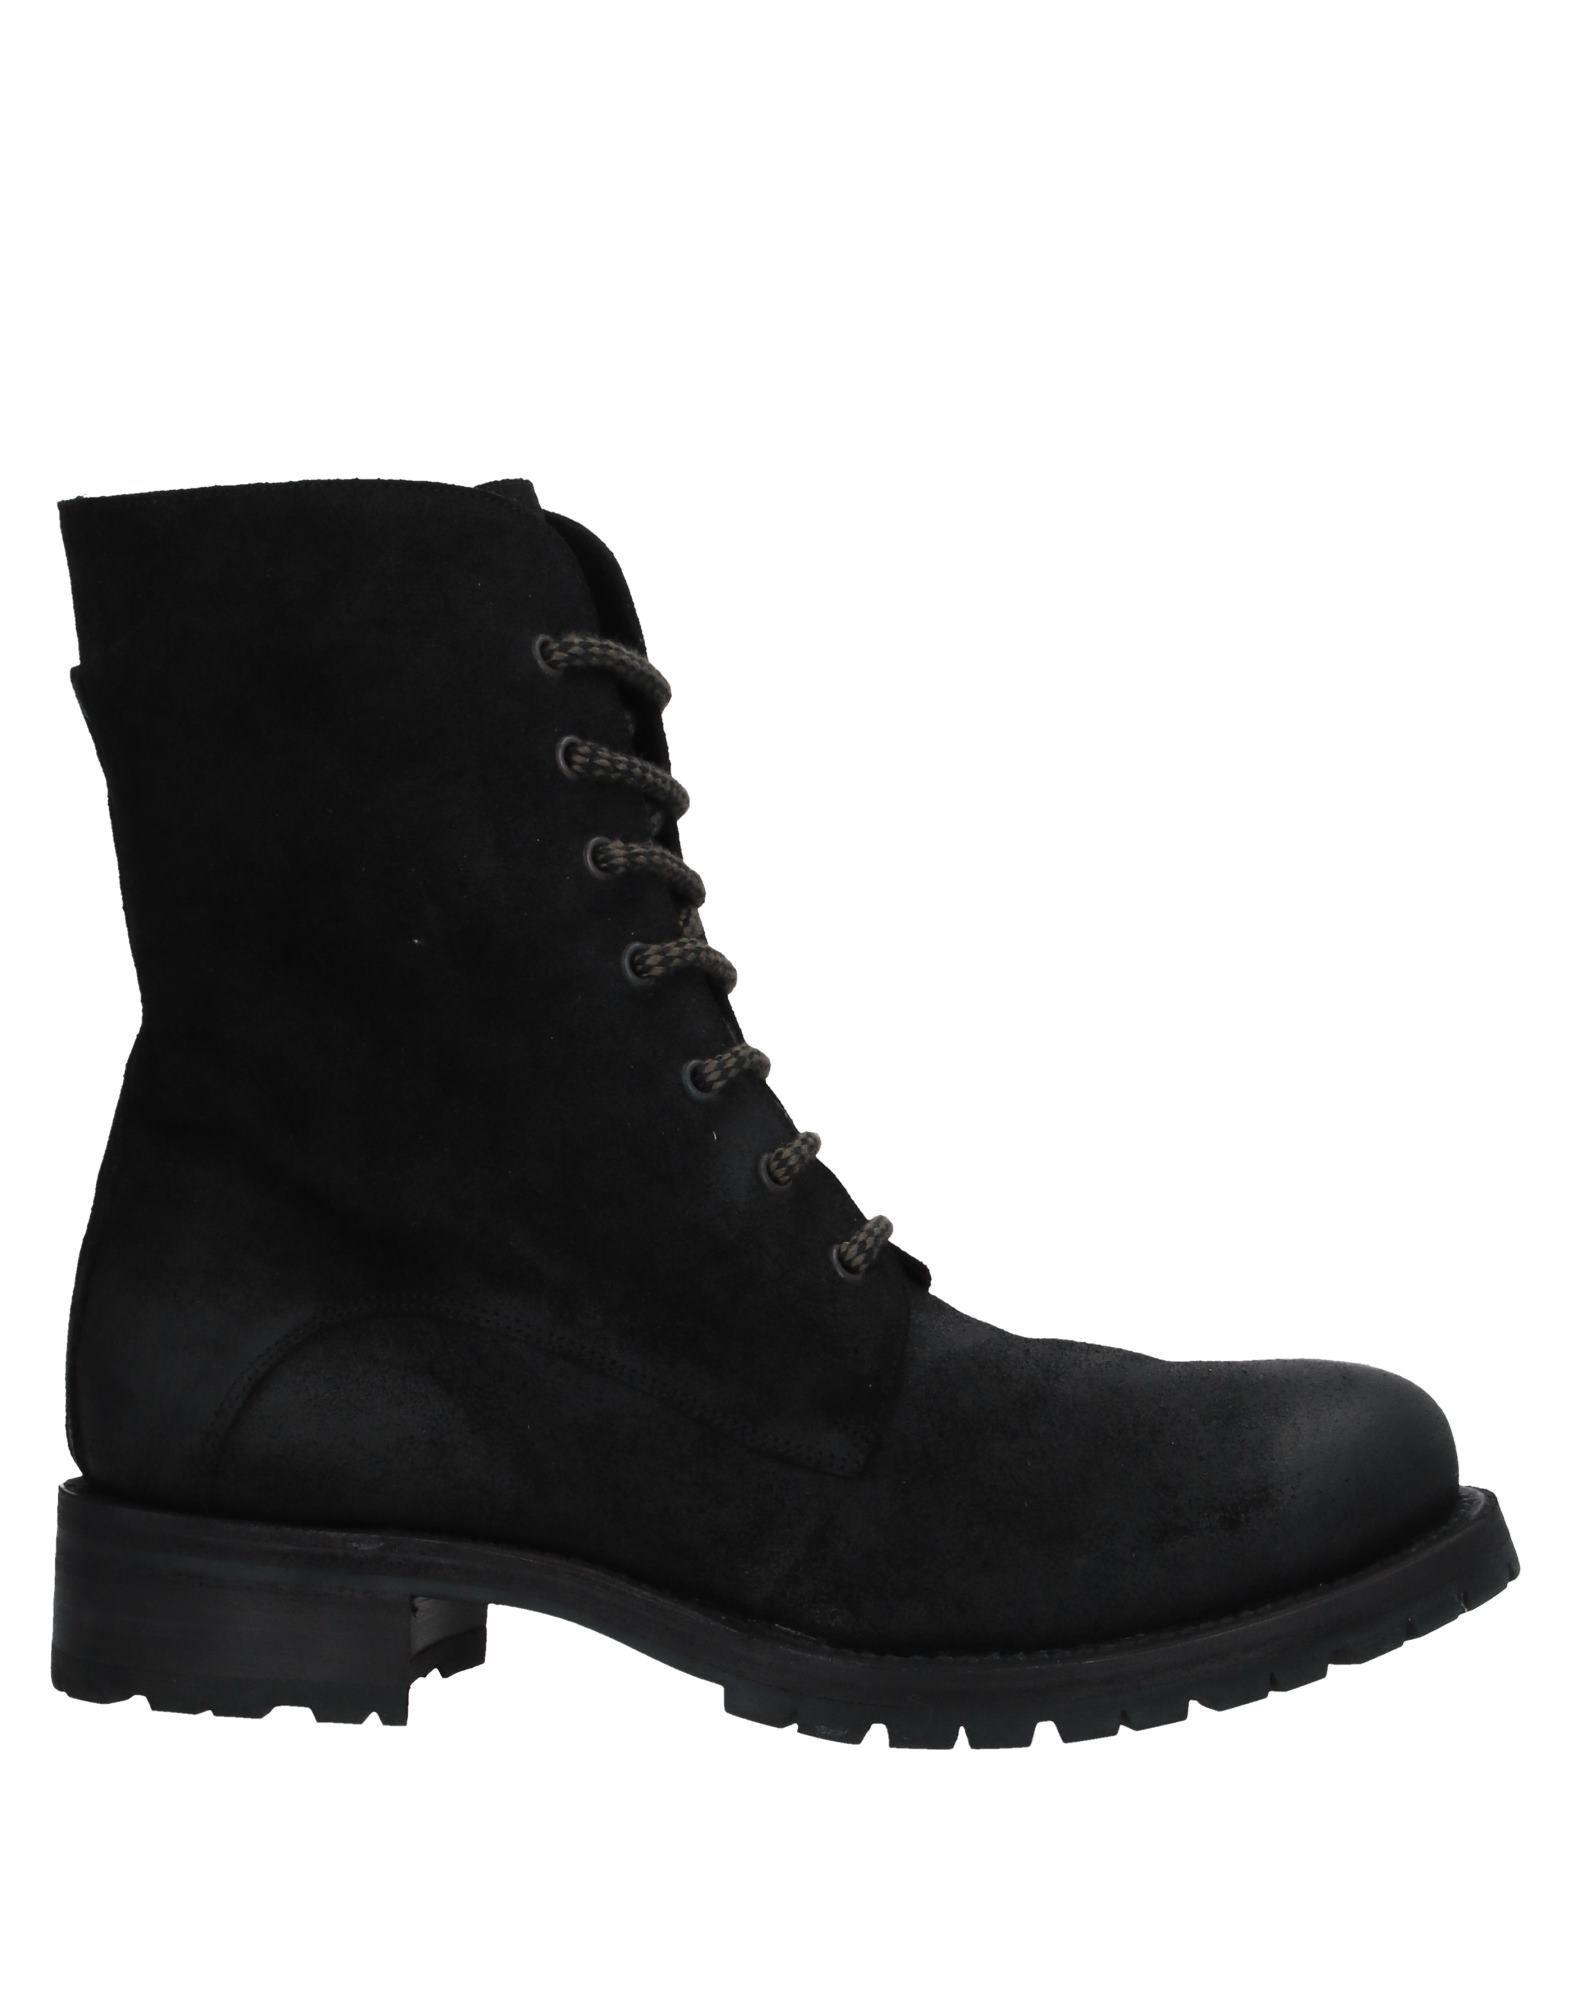 SARTORE サルトル メンズ ブーツ ブラック